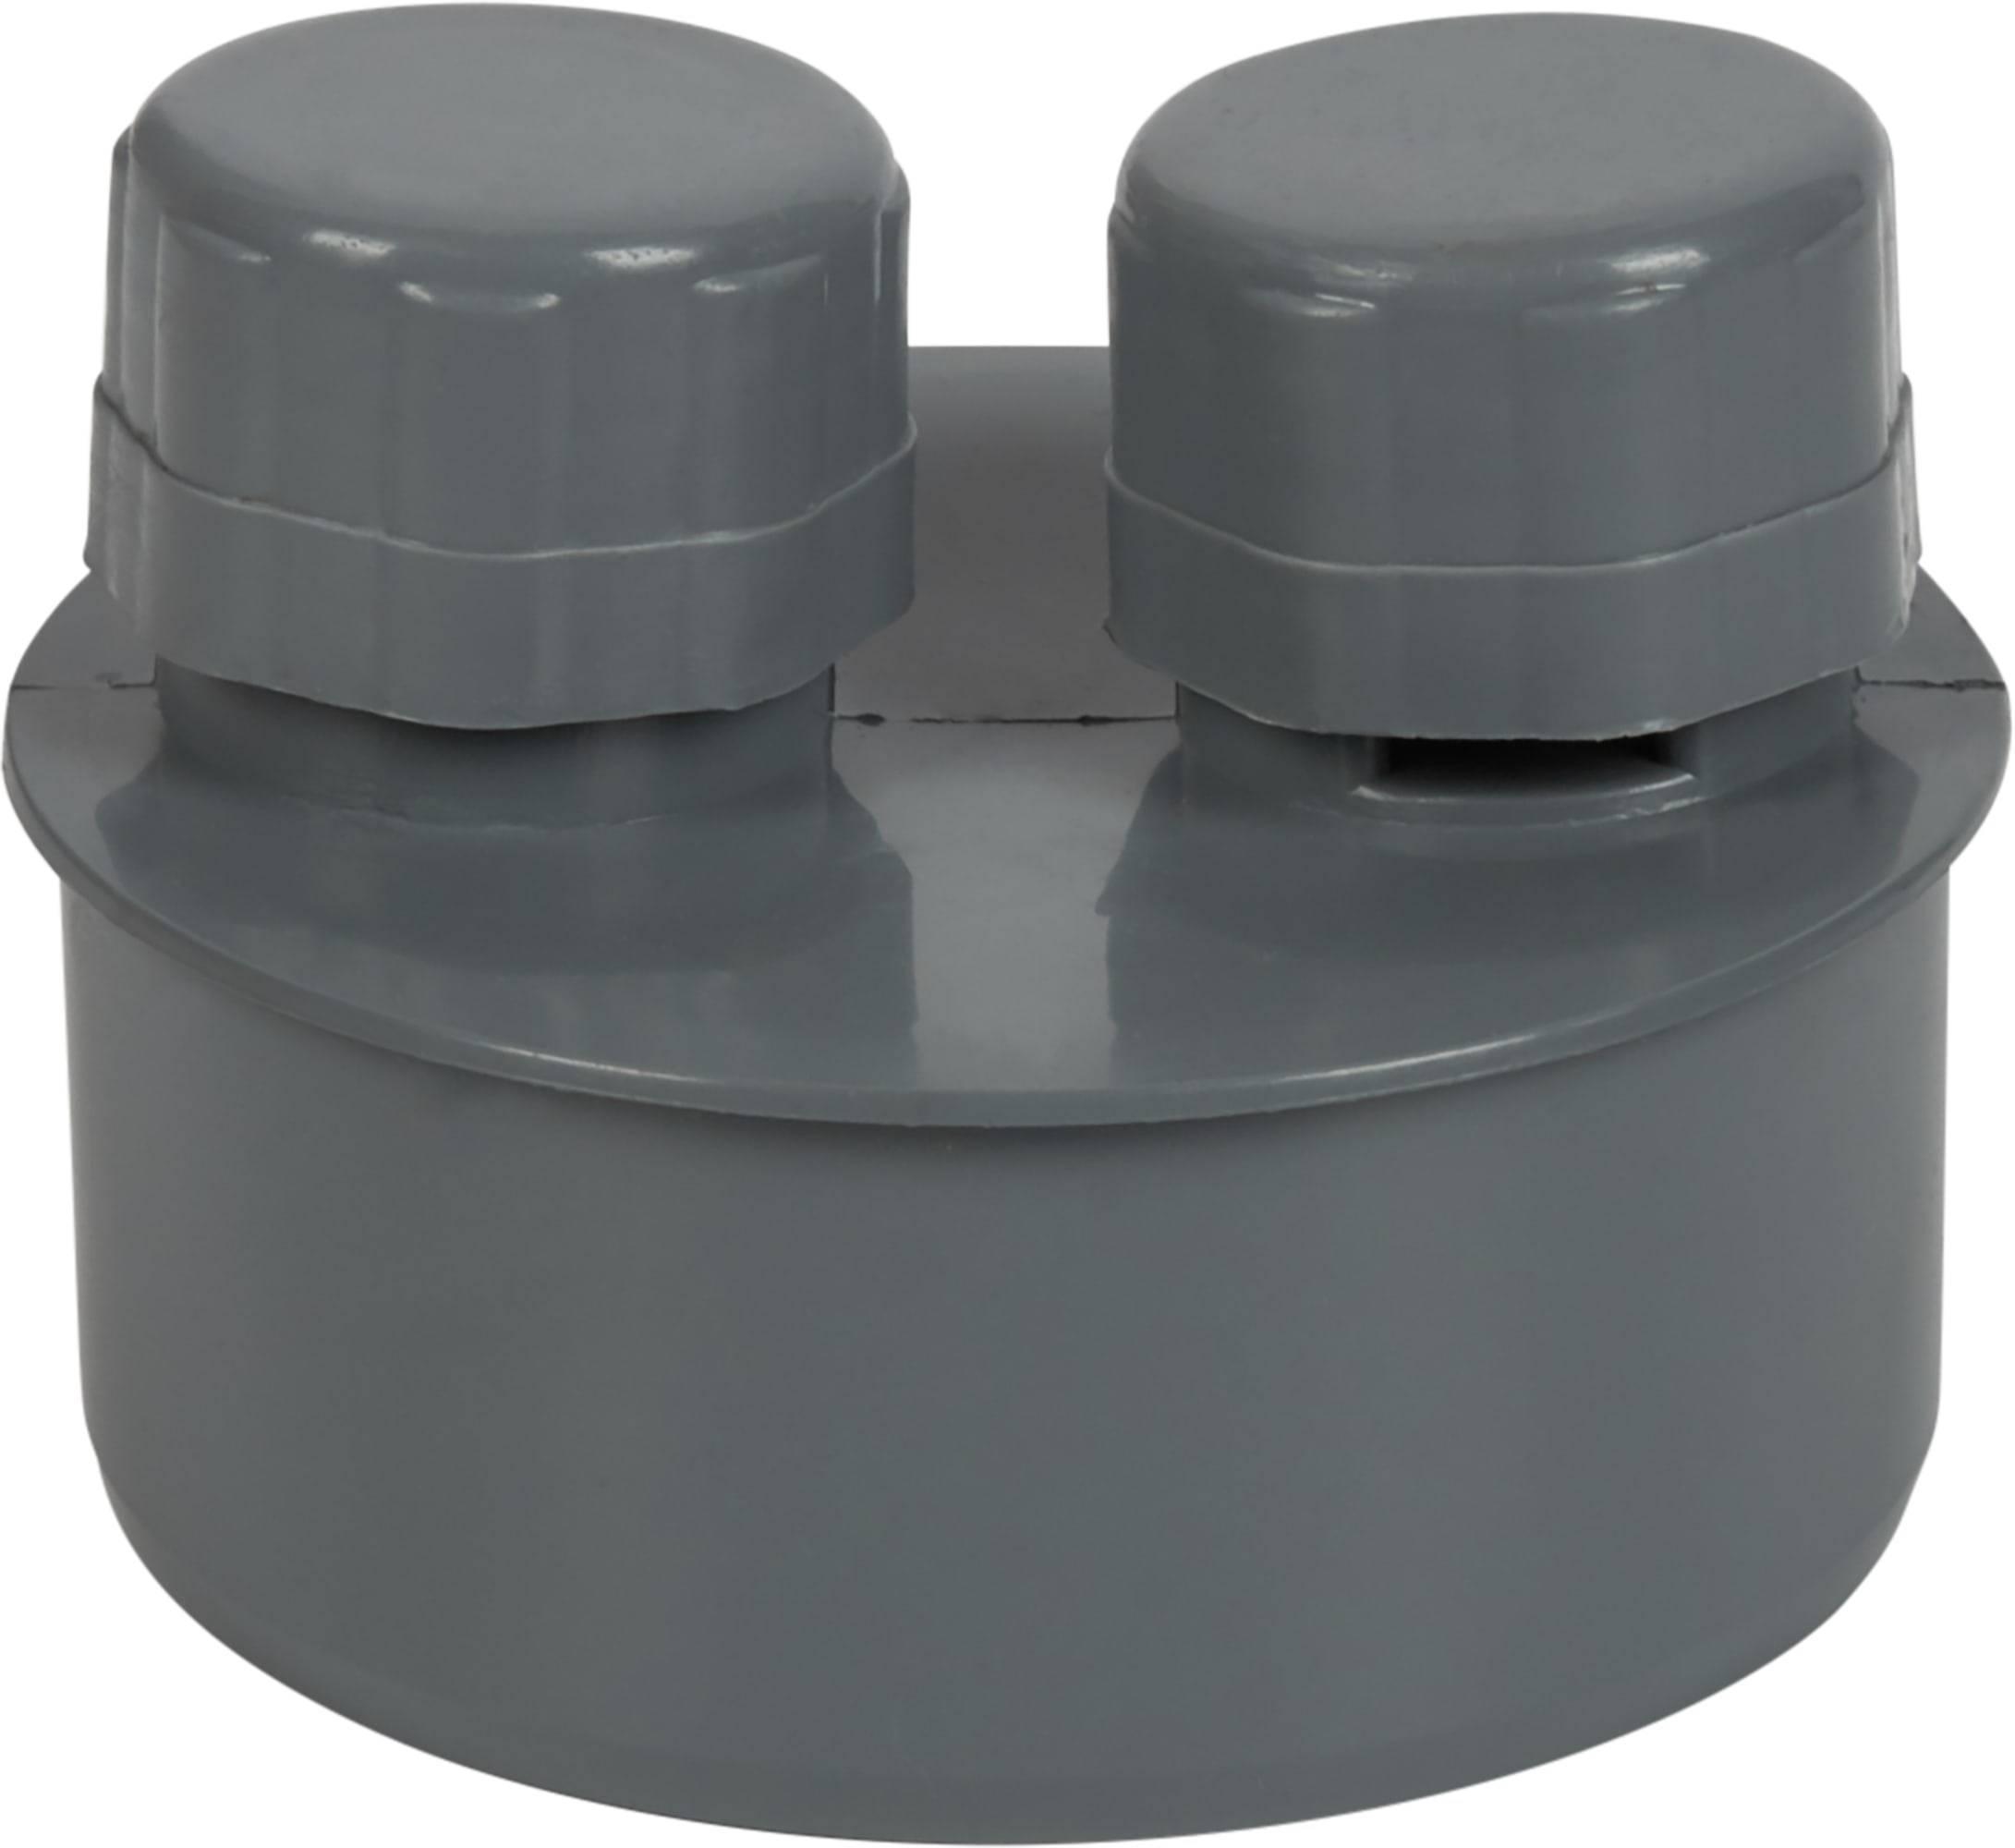 Аэратор для канализации: принцип работы, виды, инструкция по установке с видео